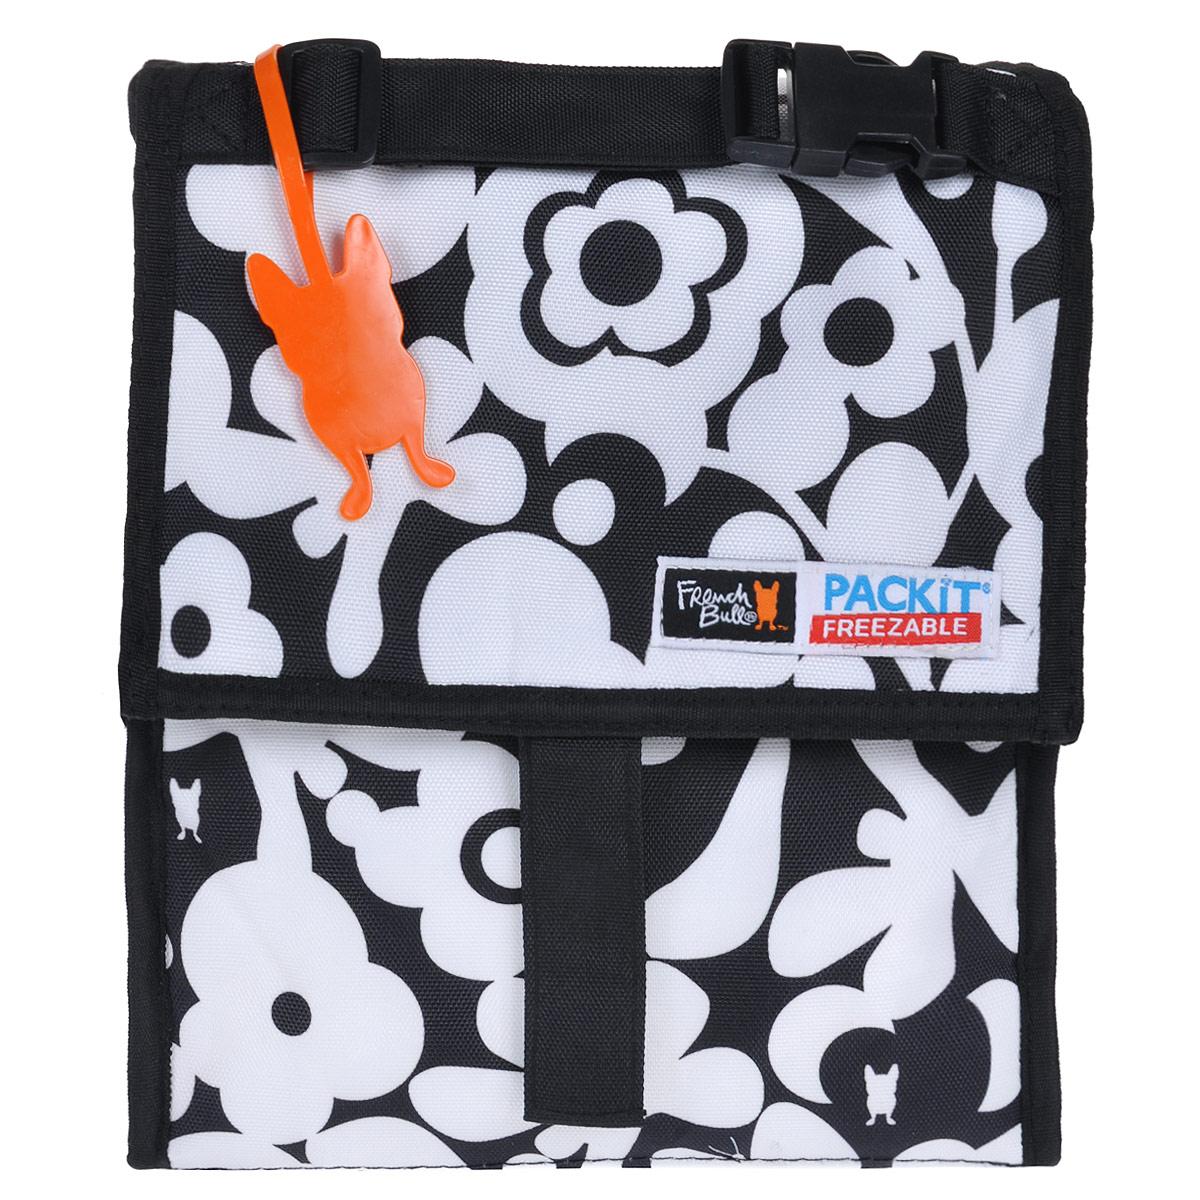 Сумка для ланча PACKIT Personal Cooler, изотермическая, цвет: черно-белый. PKT-PC-CRU сумка изотермическая 25л температурный режим до 12 часов greenglade